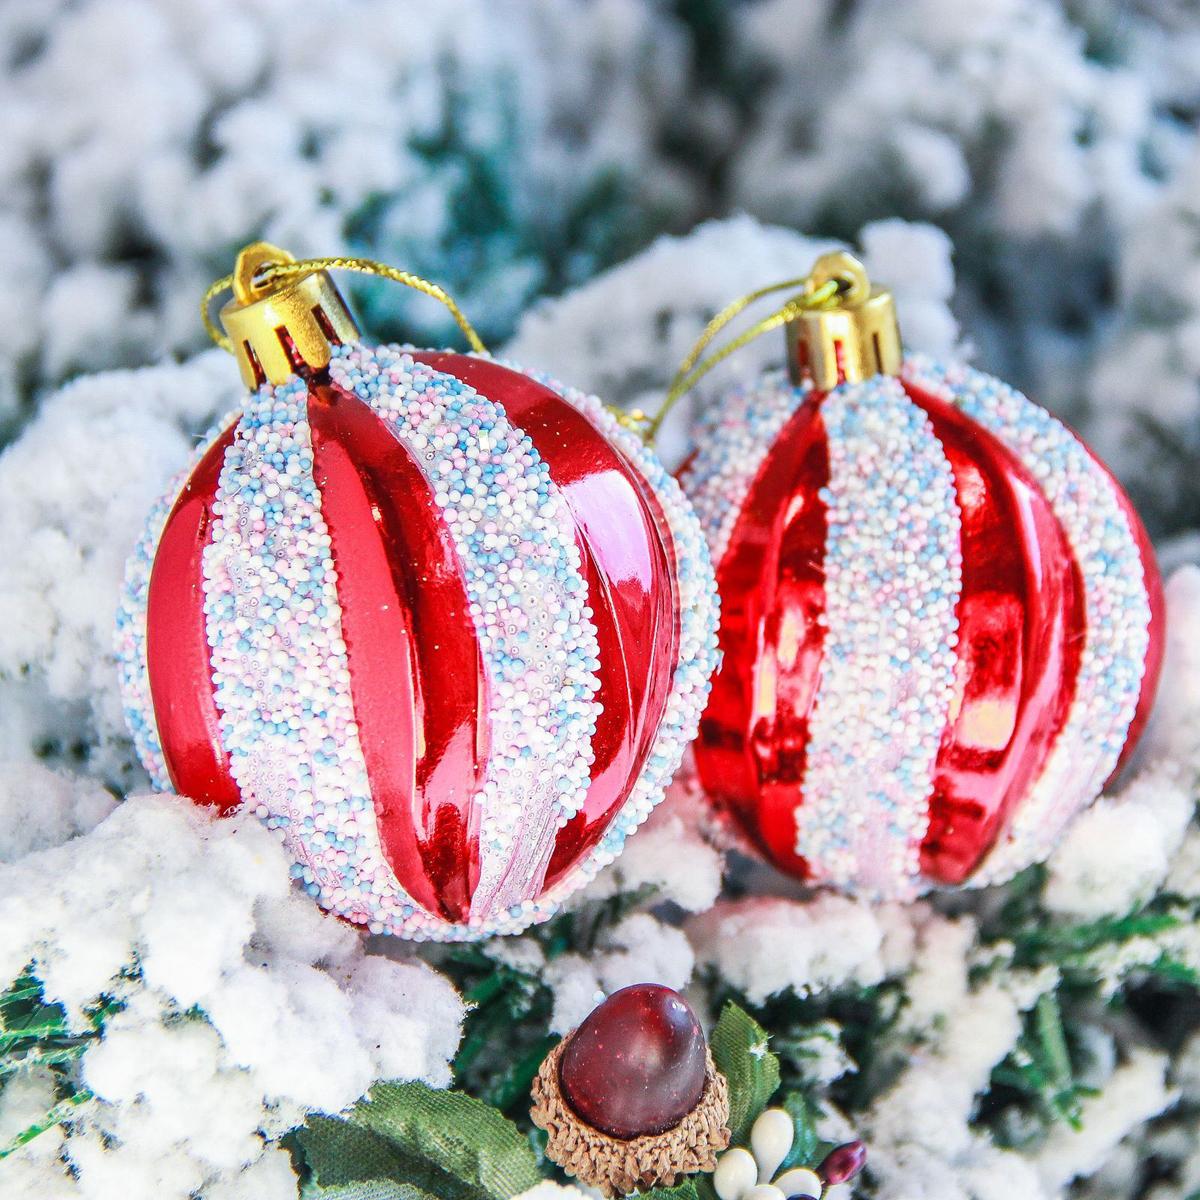 Набор новогодних подвесных украшений Sima-land Бисер. Волна, диаметр 5,5 см, 6 шт. 23639052363905Набор новогодних подвесных украшений Sima-land отлично подойдет для декорации вашего дома и новогодней ели. Новогодние украшения можно повесить в любом понравившемся вам месте. Но, конечно, удачнее всего они будет смотреться на праздничной елке.Елочная игрушка - символ Нового года. Она несет в себе волшебство и красоту праздника. Такое украшение создаст в вашем доме атмосферу праздника, веселья и радости.